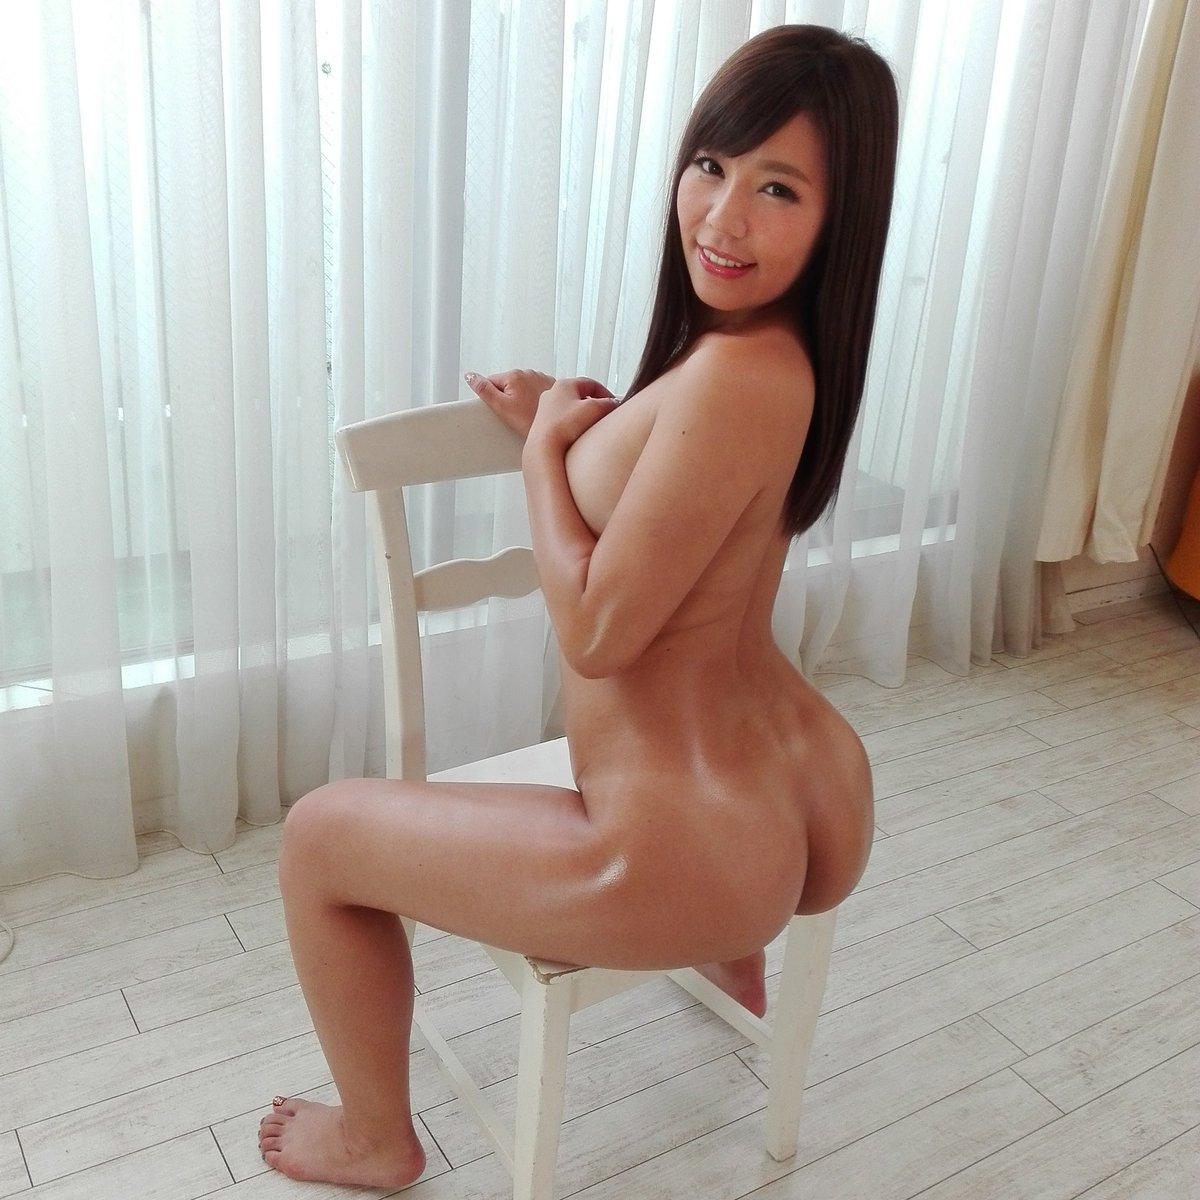 椅子に座って神尻をアピールしてる!